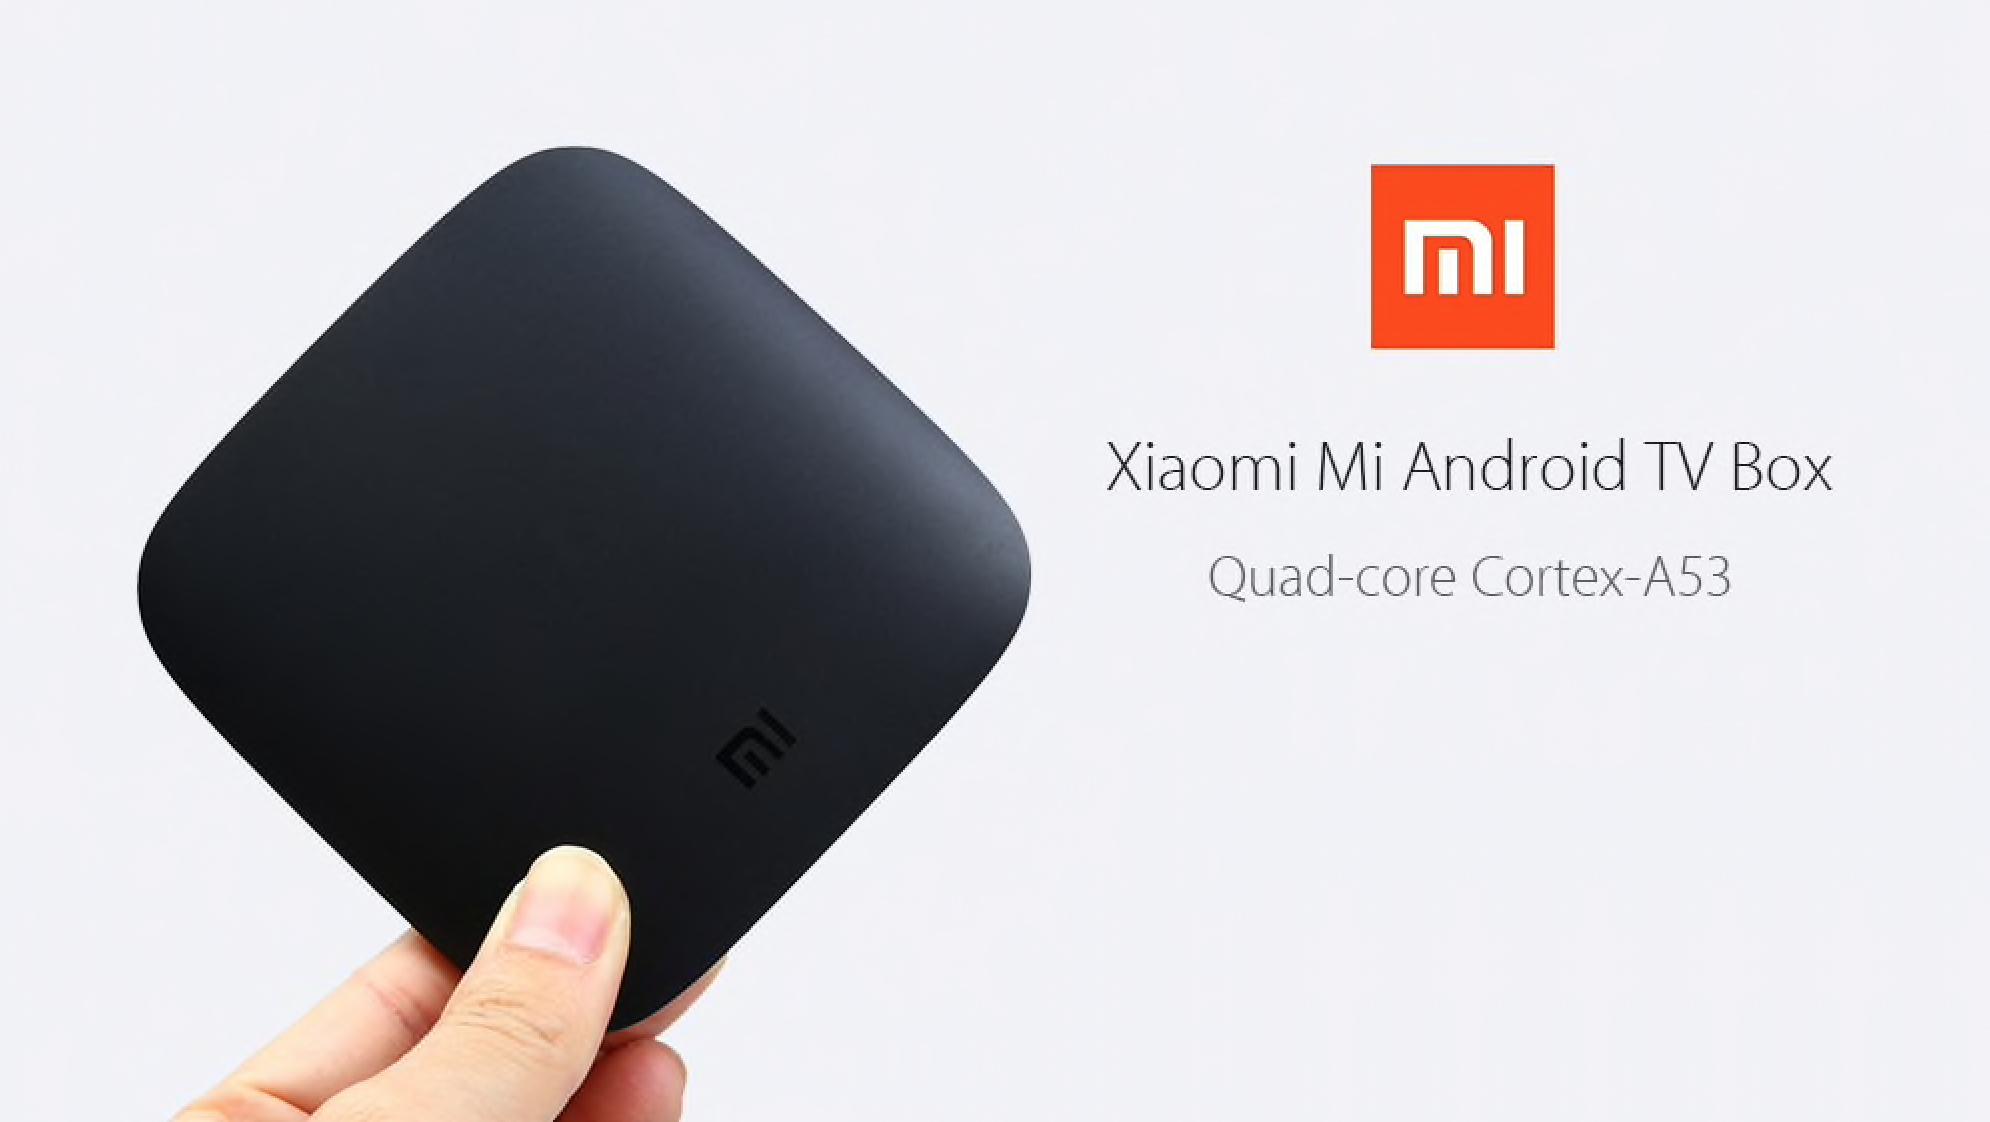 Gearbest: Originální Xiaomi Mi TV Box nyní za nižší cenu [sponzorovaný článek]